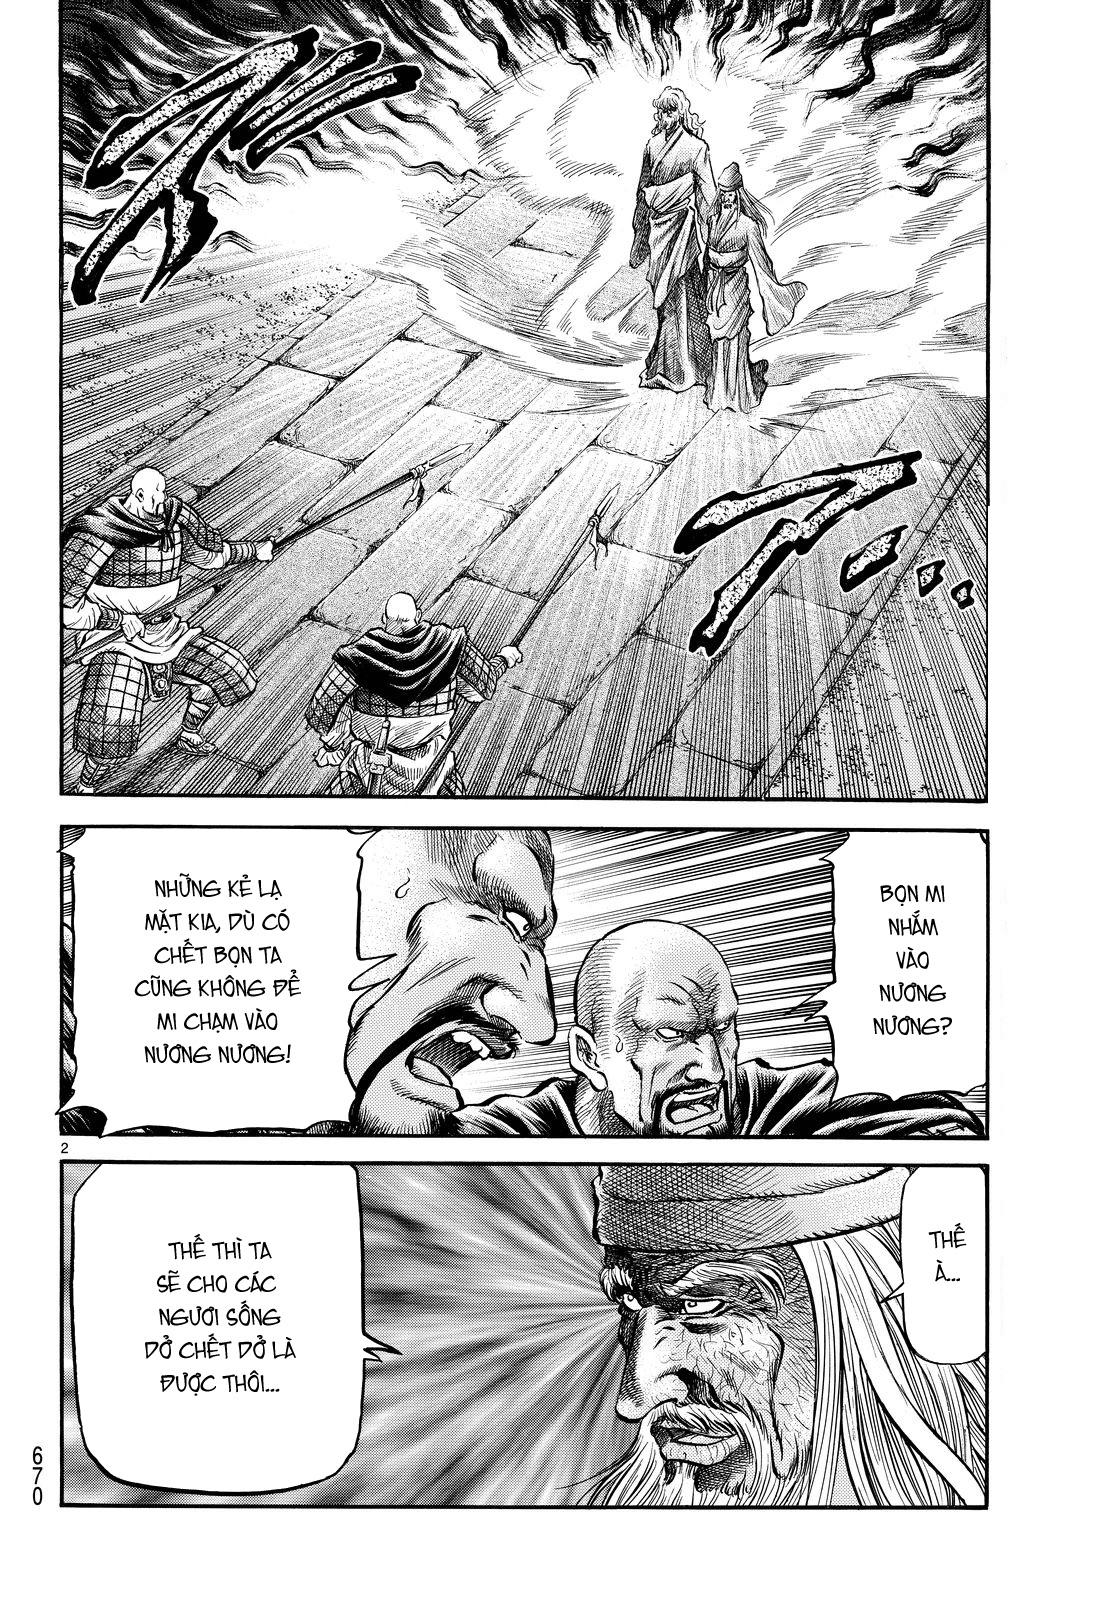 Chú Bé Rồng - Ryuuroden chap 274 - Trang 2